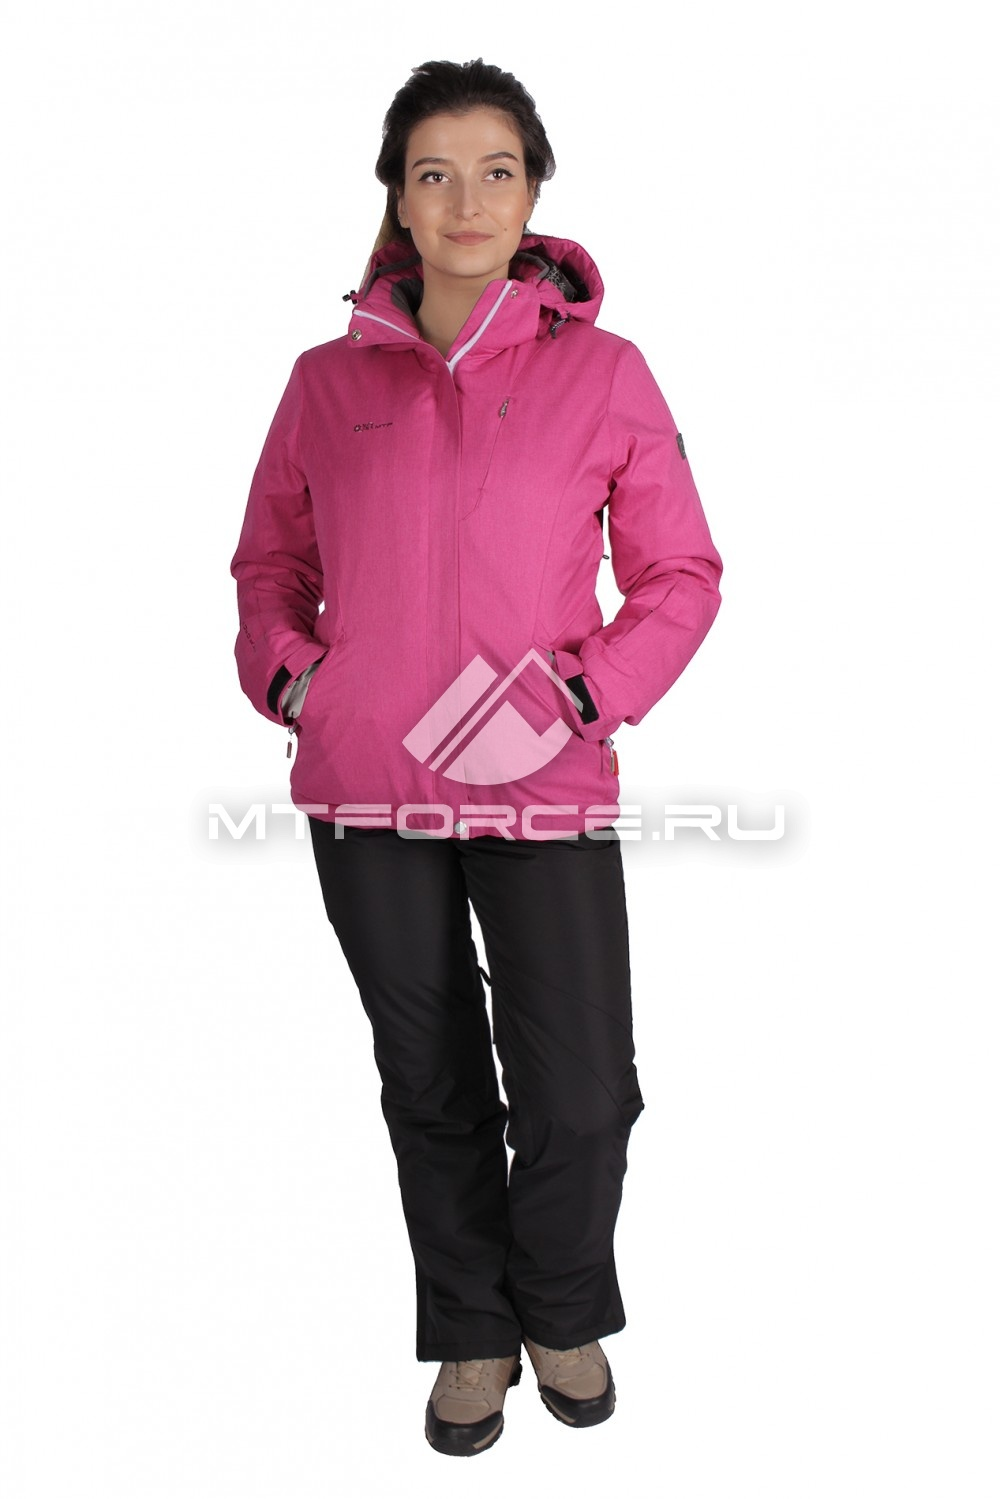 Купить                                  оптом Костюм горнолыжный женский розового цвета 01631-1R